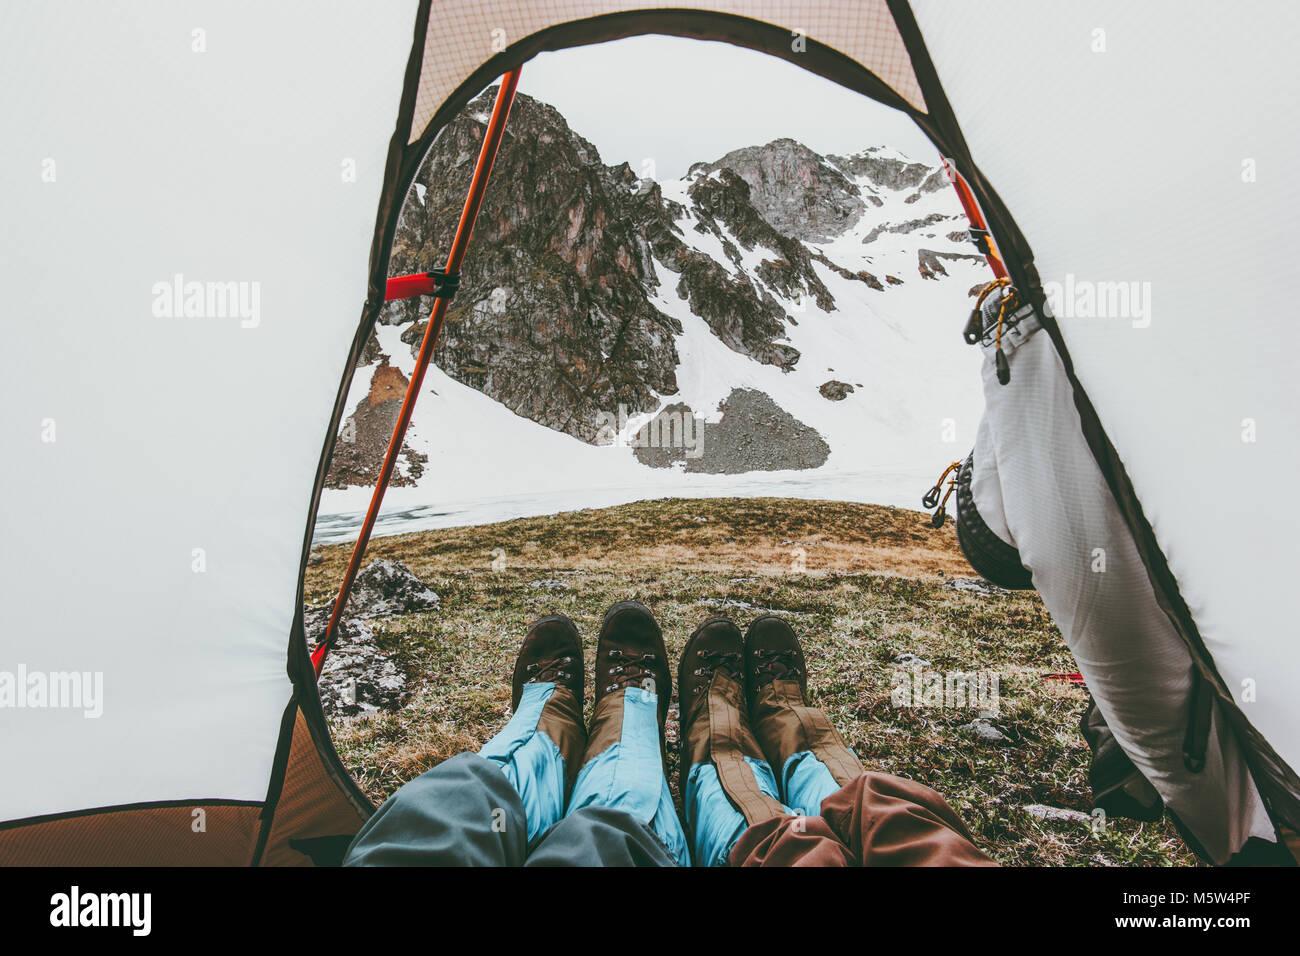 Les deux pieds sur les montagnes depuis l'entrée de la tente camping concept de vie vacances d'aventure outdoor Banque D'Images